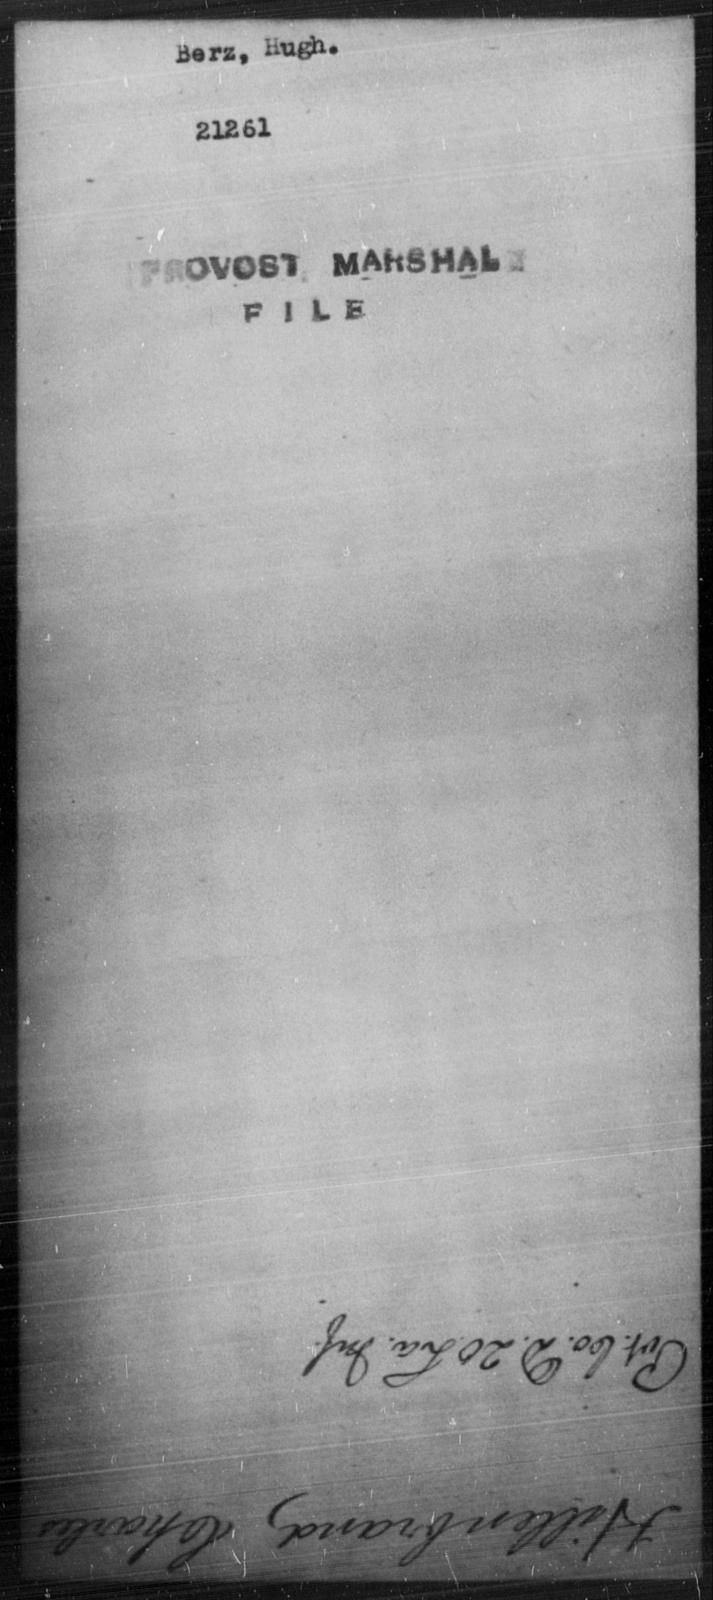 Herz, Hugh - State: [Blank] - Year: [Blank]